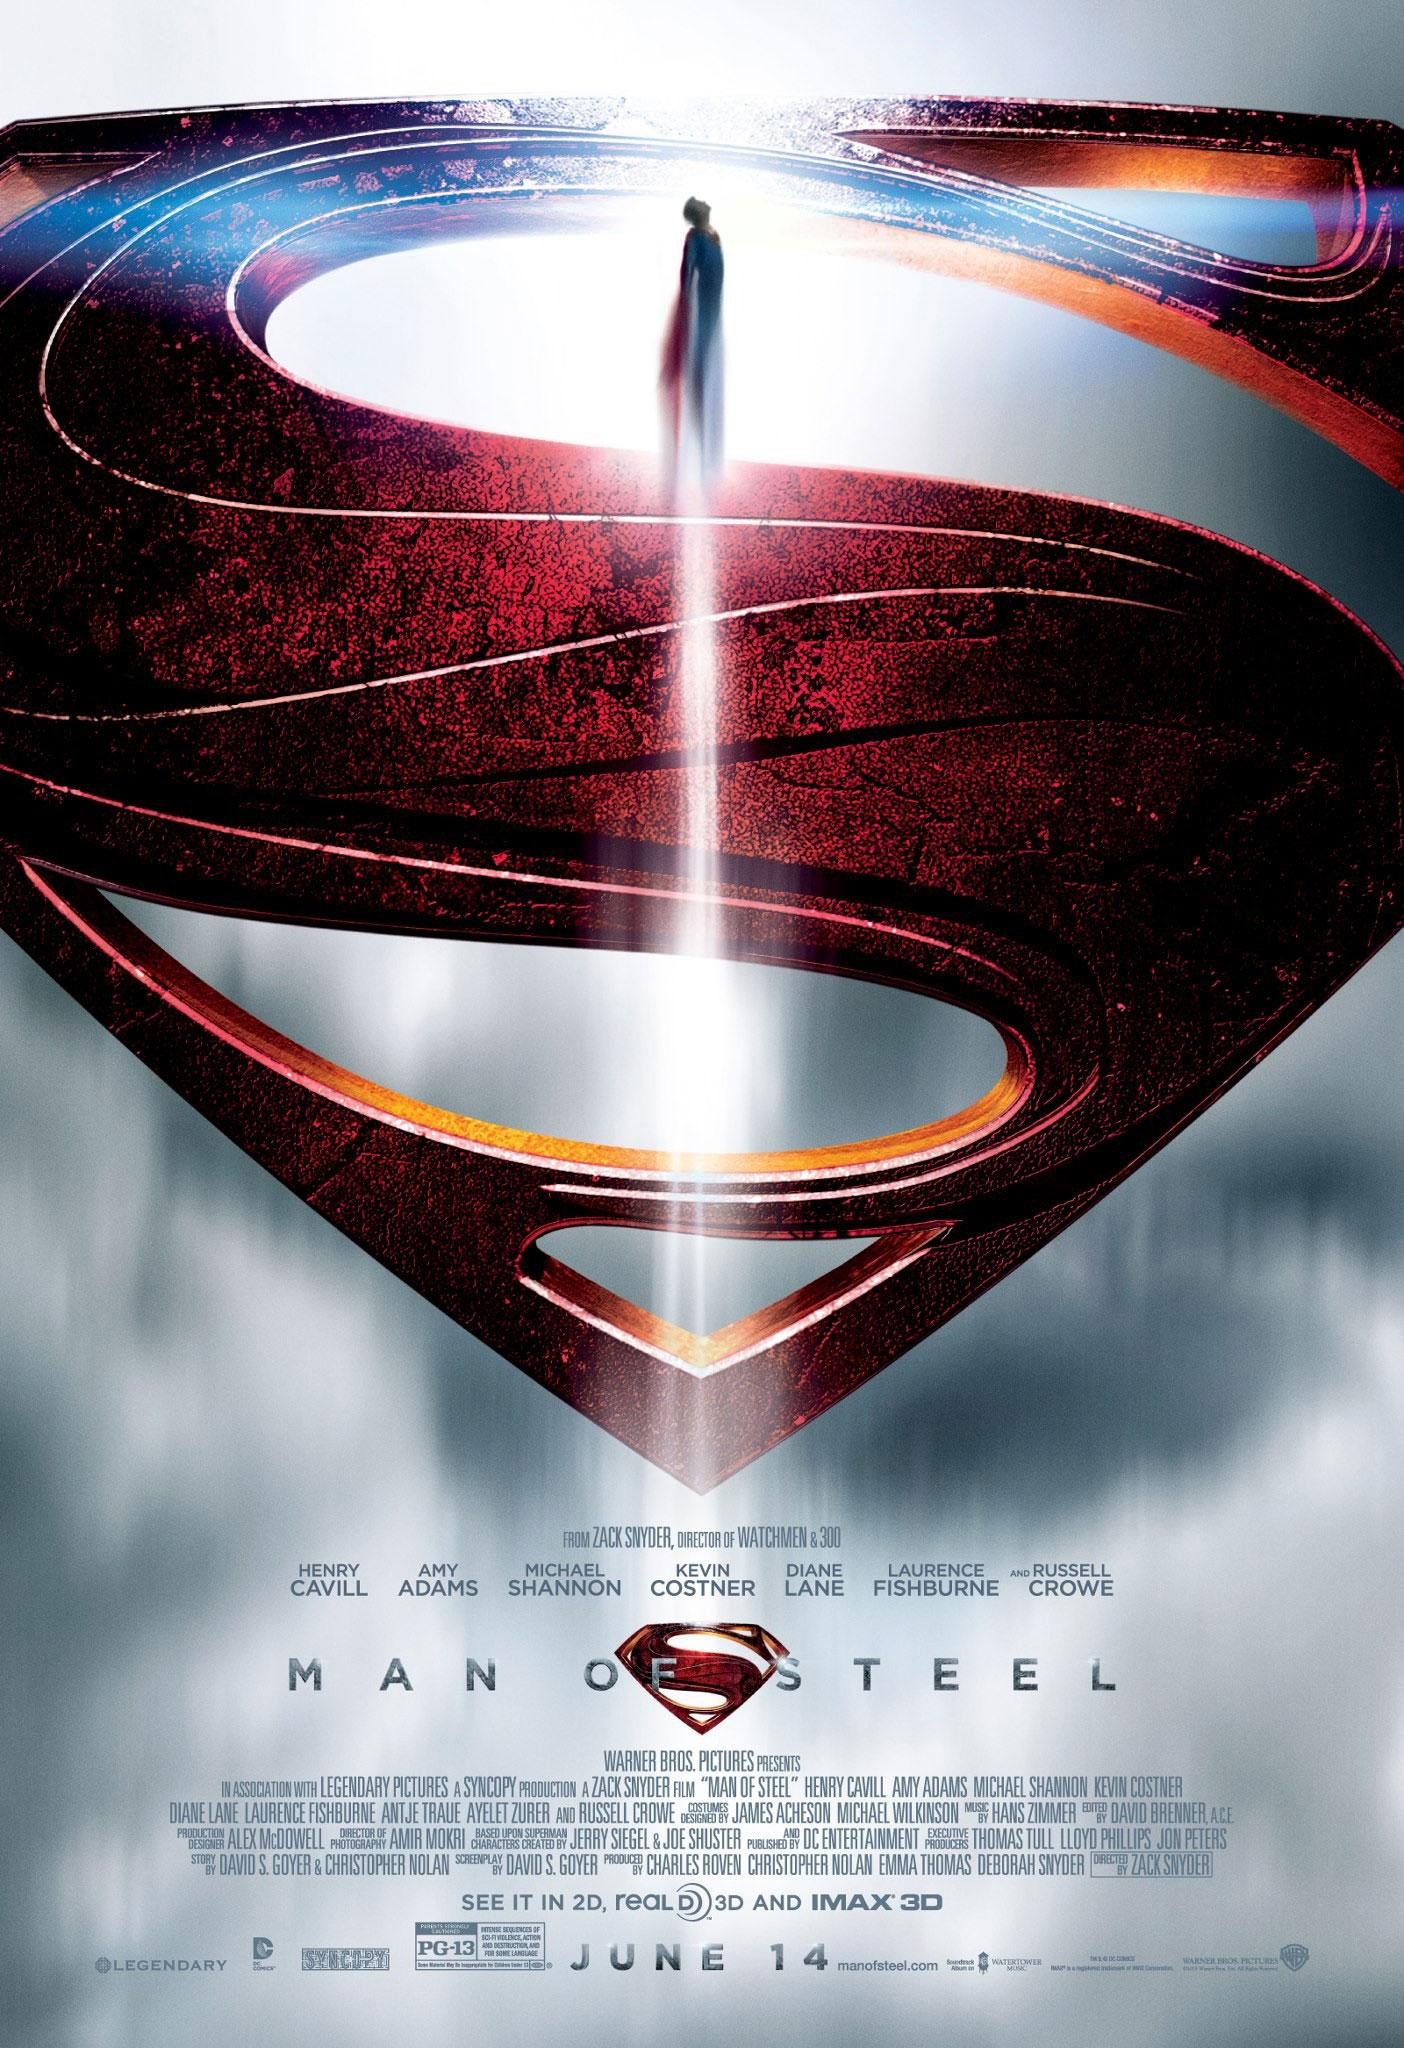 człowiek ze stali superman film recenzja DC zack snyder